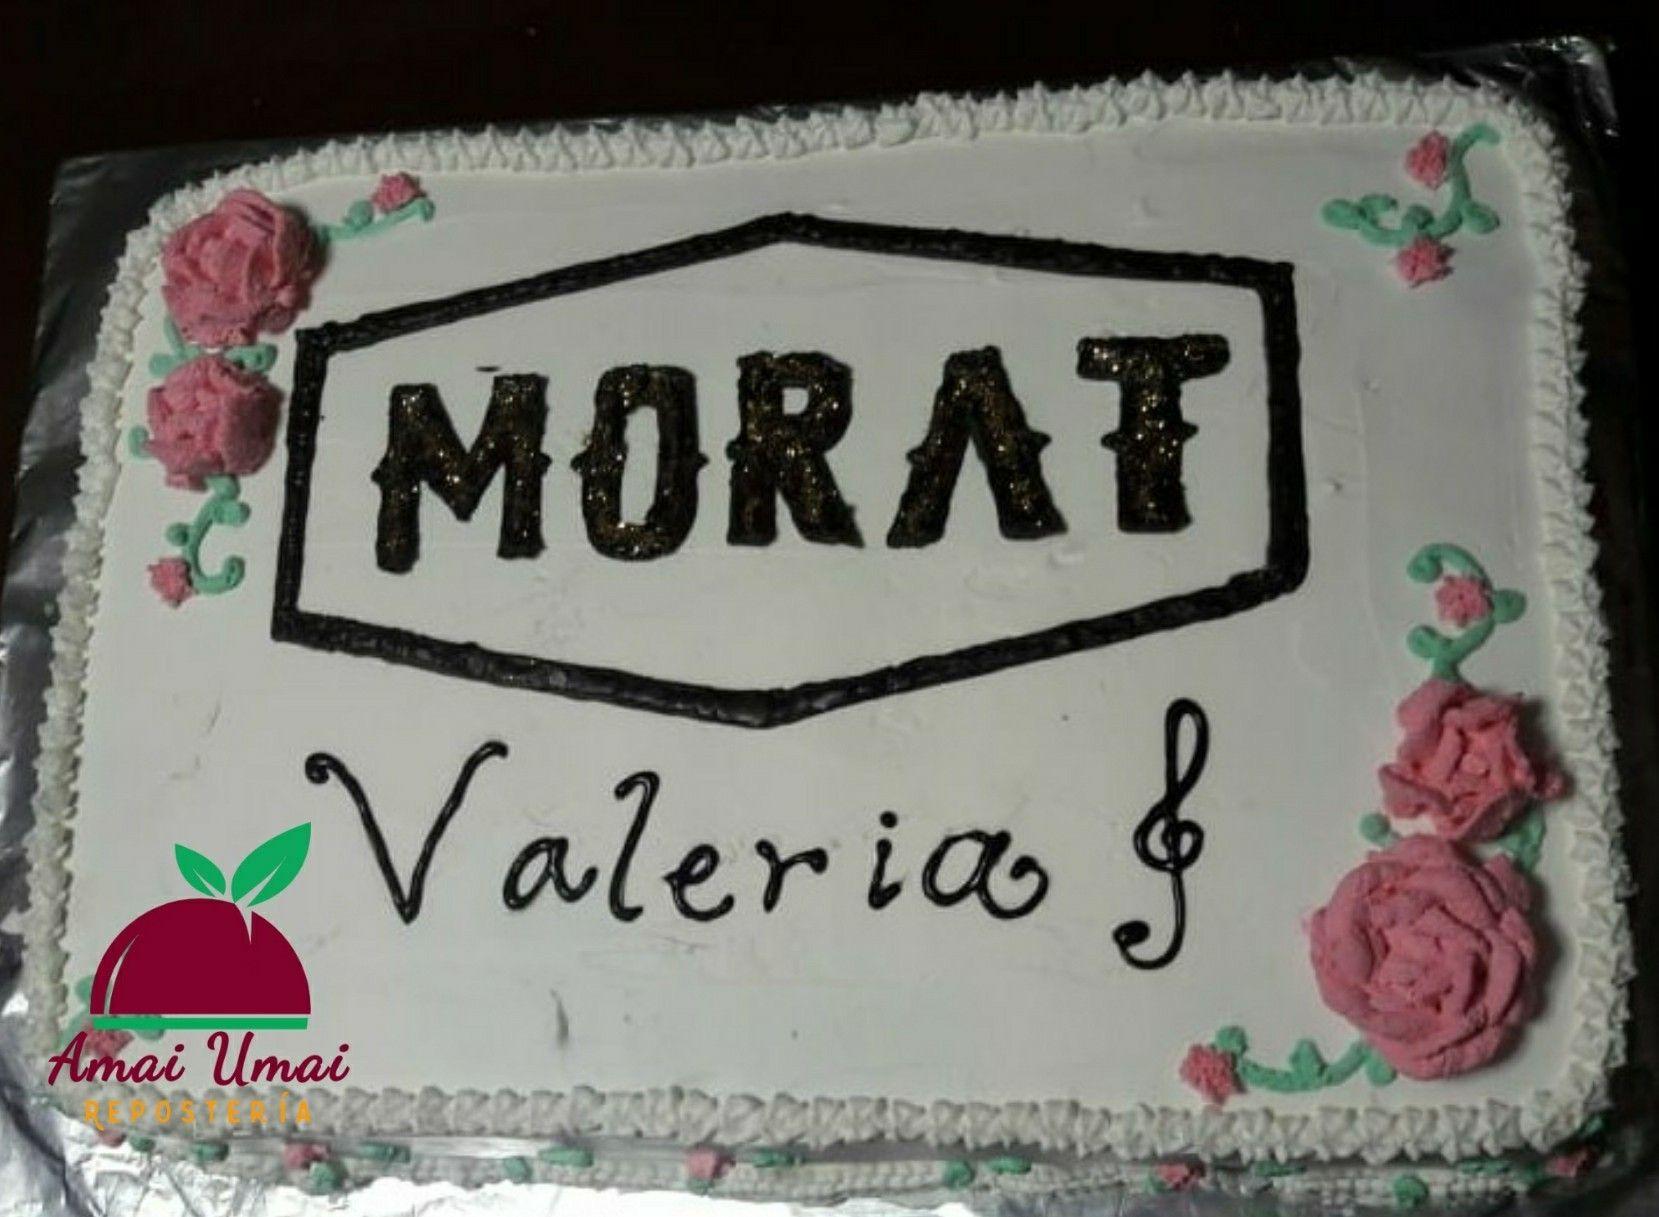 Pastel Morat Cumpleaños Decoración Casera Cumpleaños Citas De Canciones